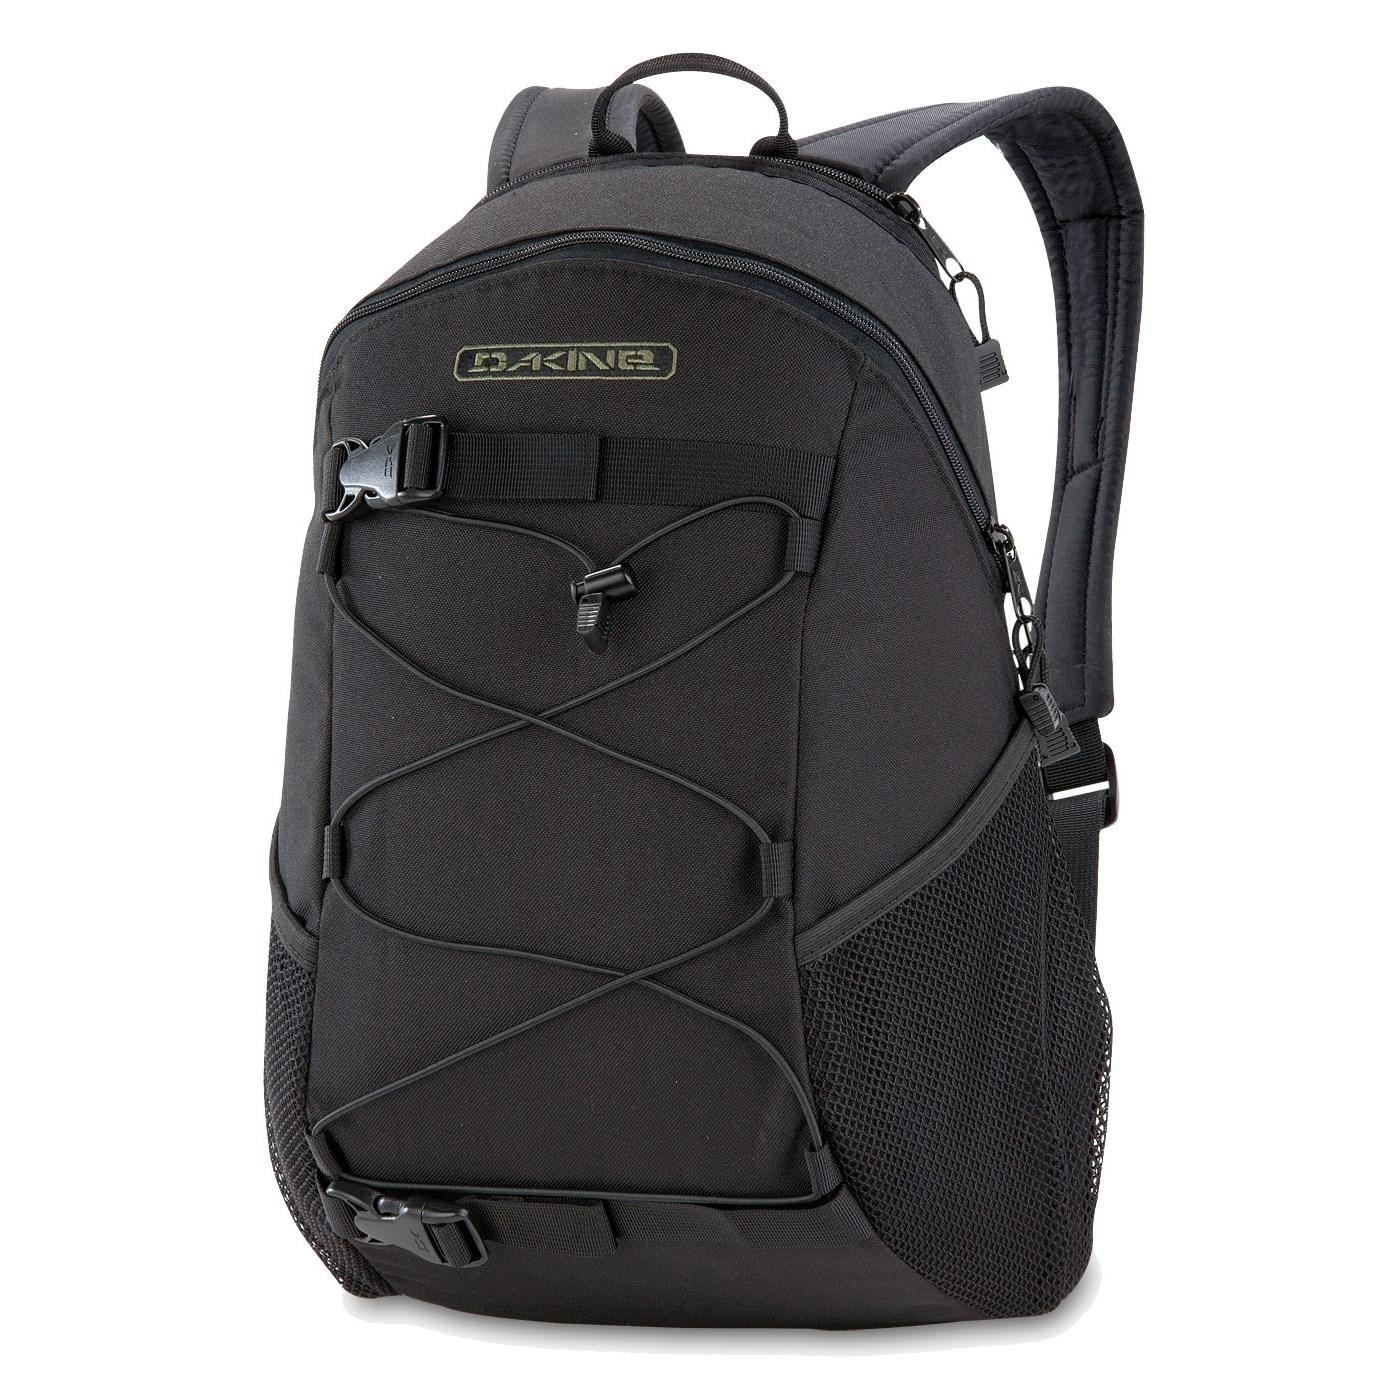 DaKine Wonder Backpack | evo outlet